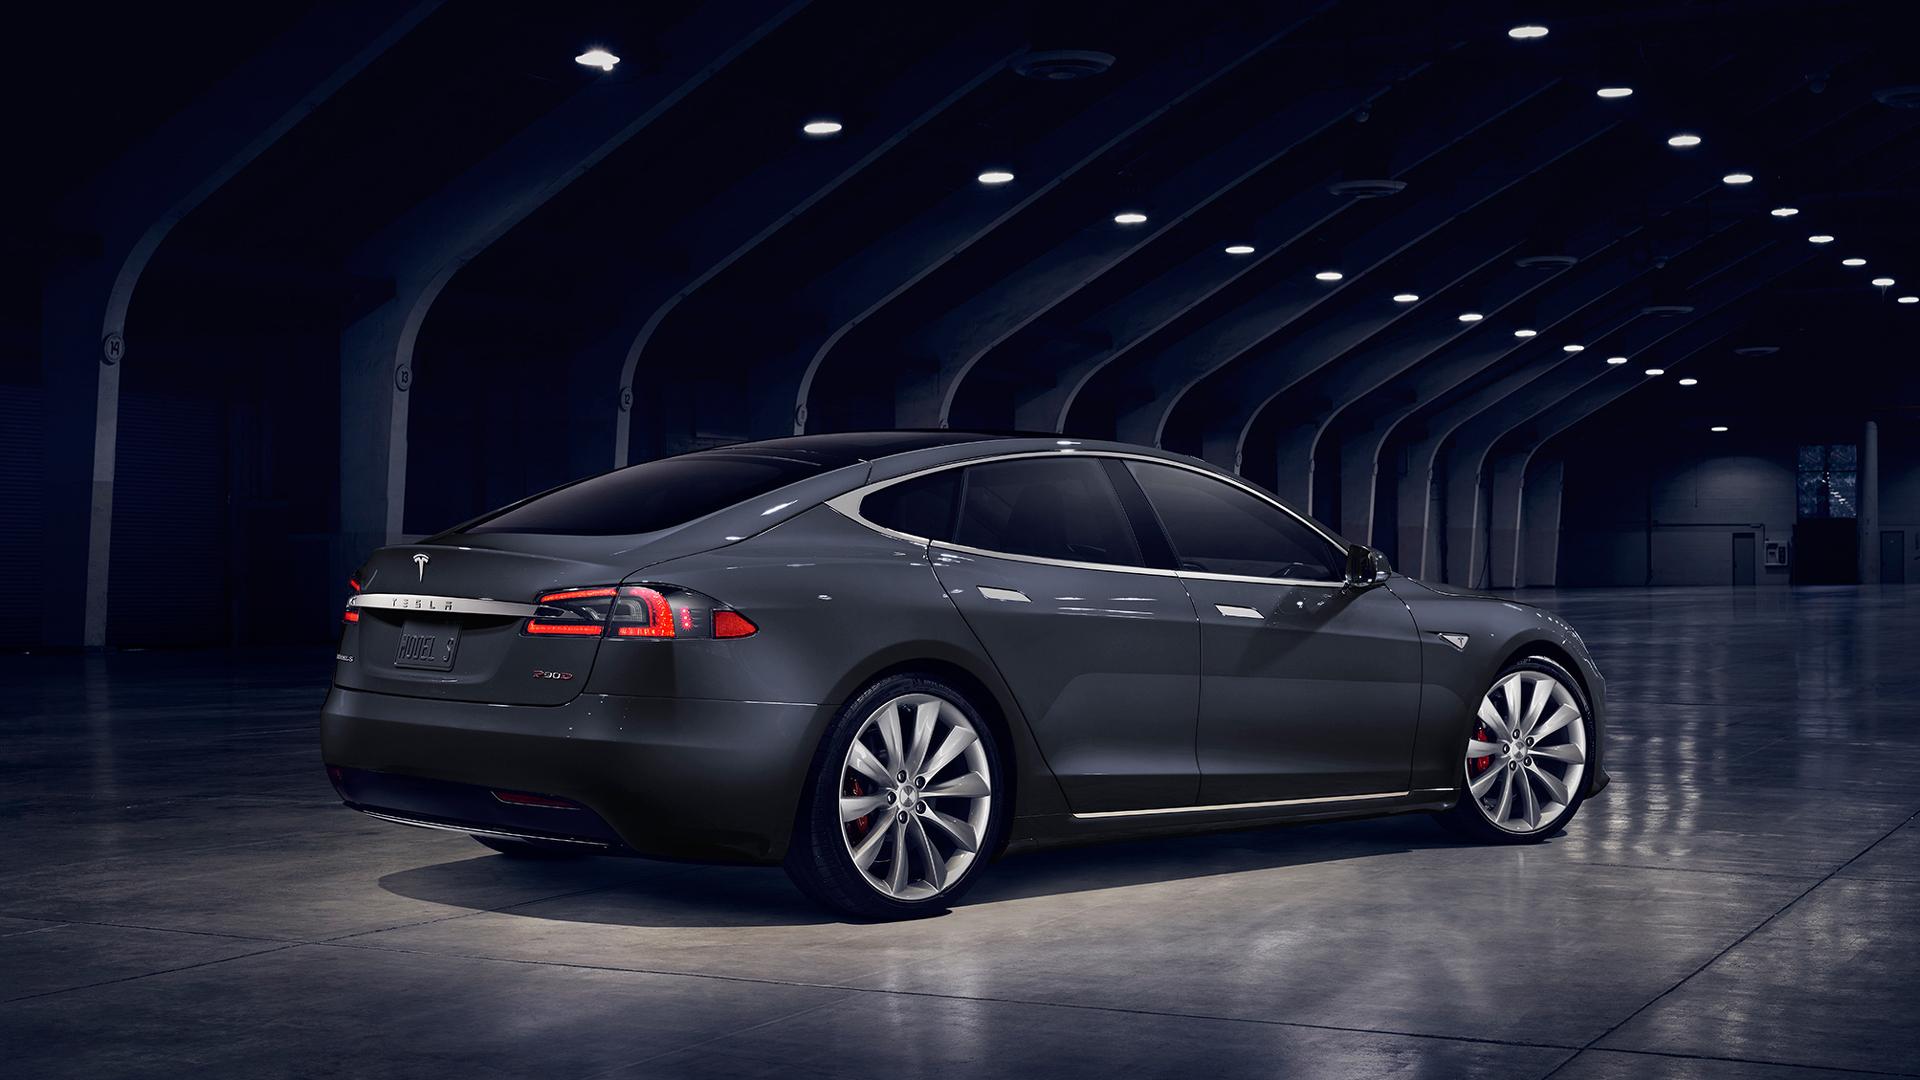 Volkswagen хотел купить компанию Tesla. Маск не согласился Новости